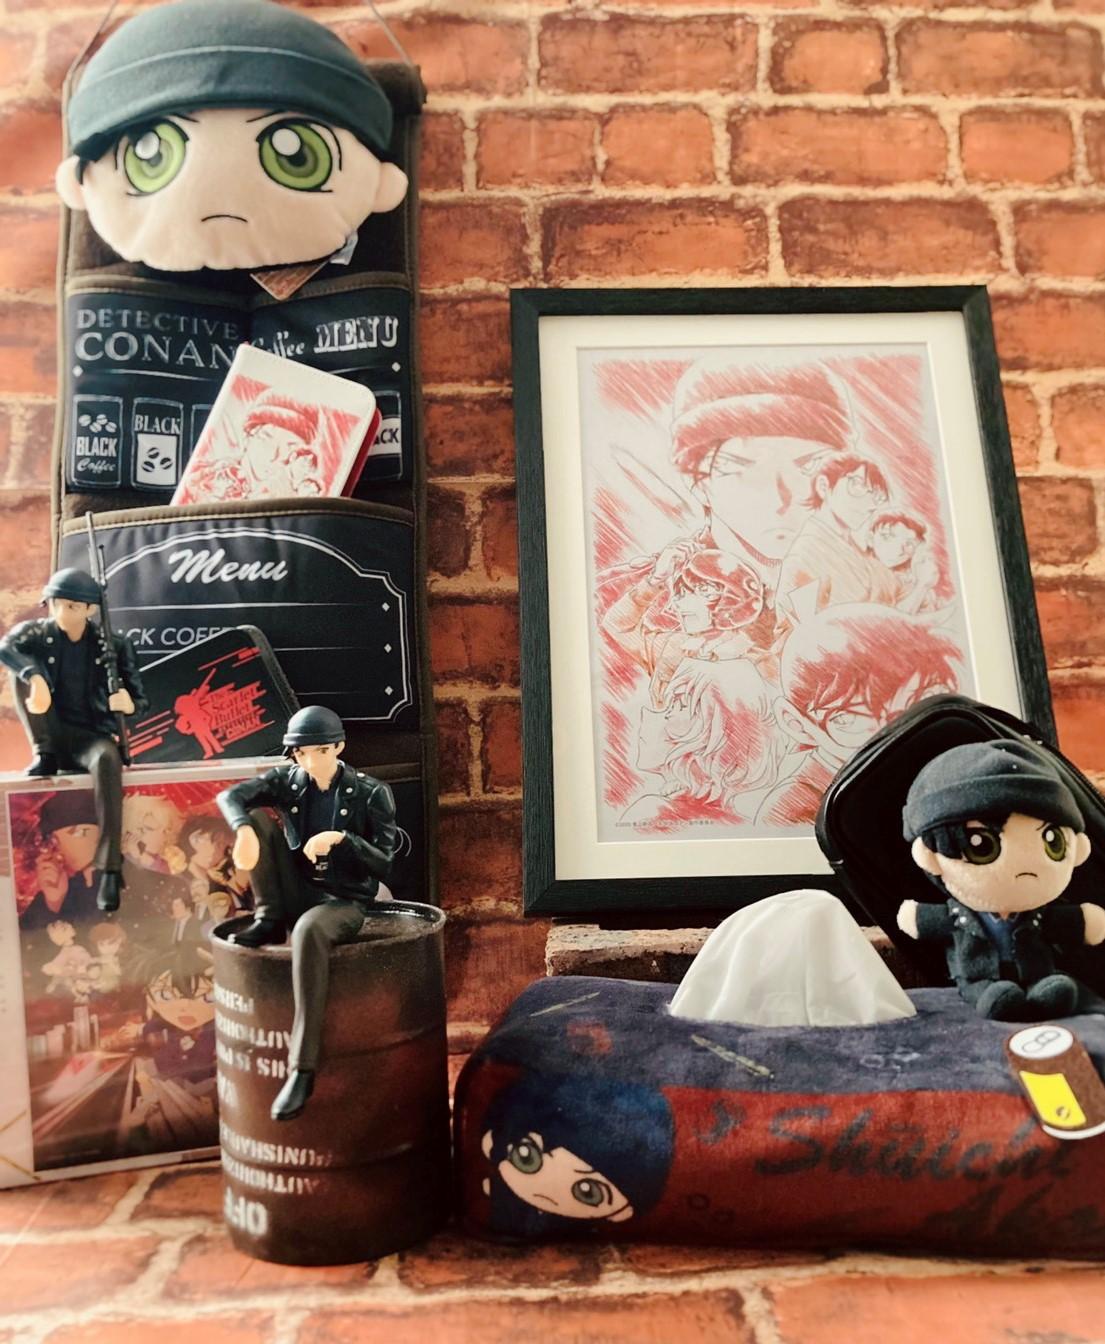 【特別展示】劇場版名探偵コナン「緋色の弾丸」グッズ展示